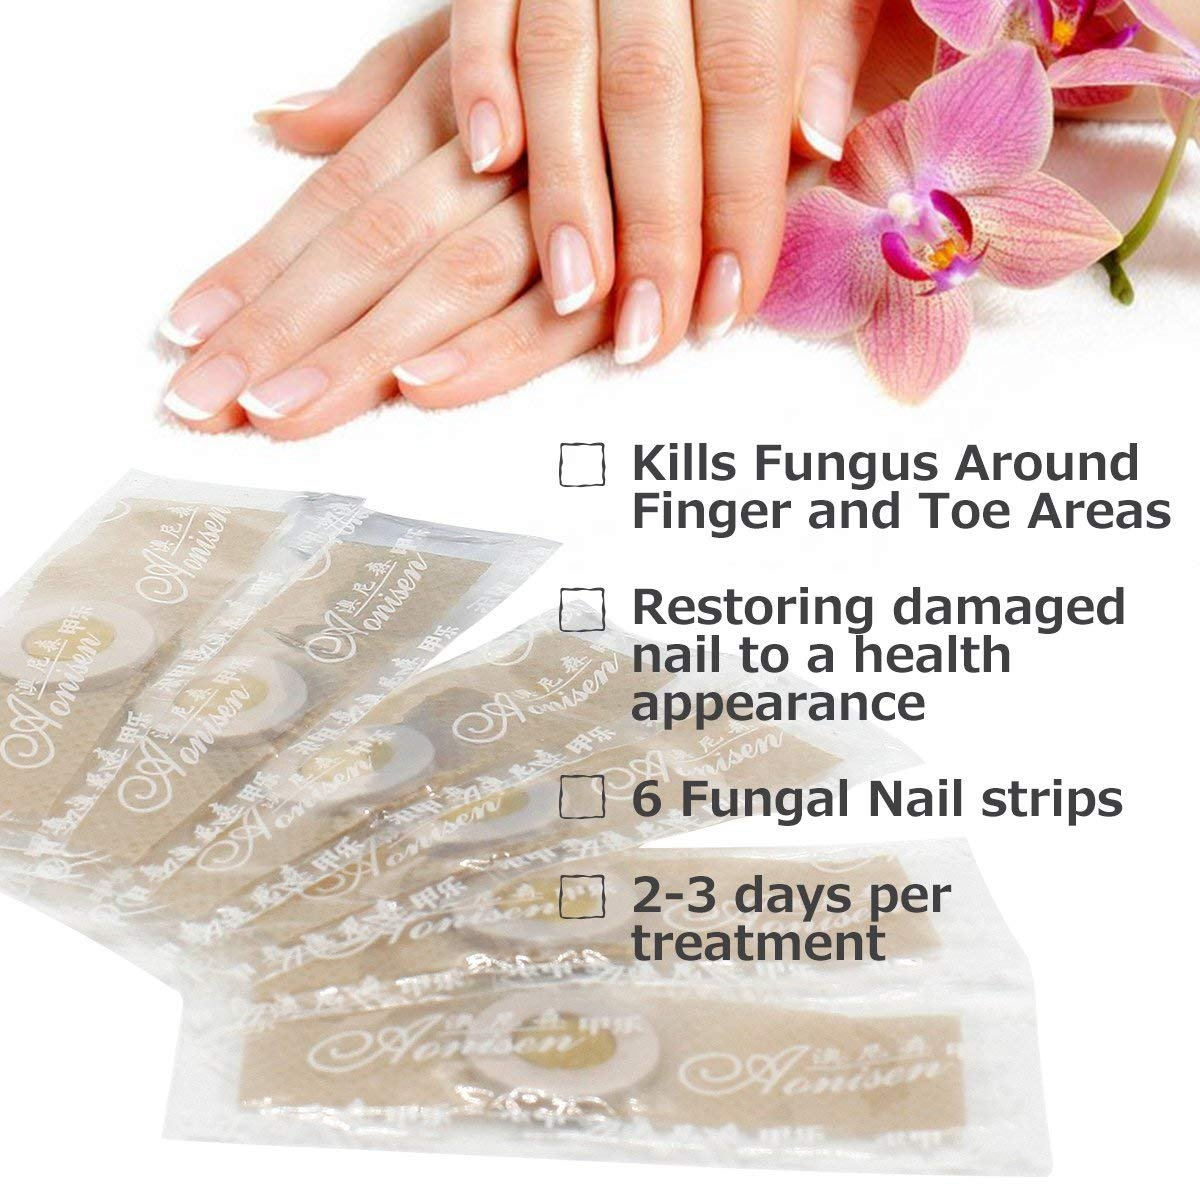 Nail Fungus,Antifungal Nail Treatment,Toenail Fungus Treatment,Antifungal Nail Gel,Removal of Fingernail and Toenail Fungus by LDREAMAM (Image #4)